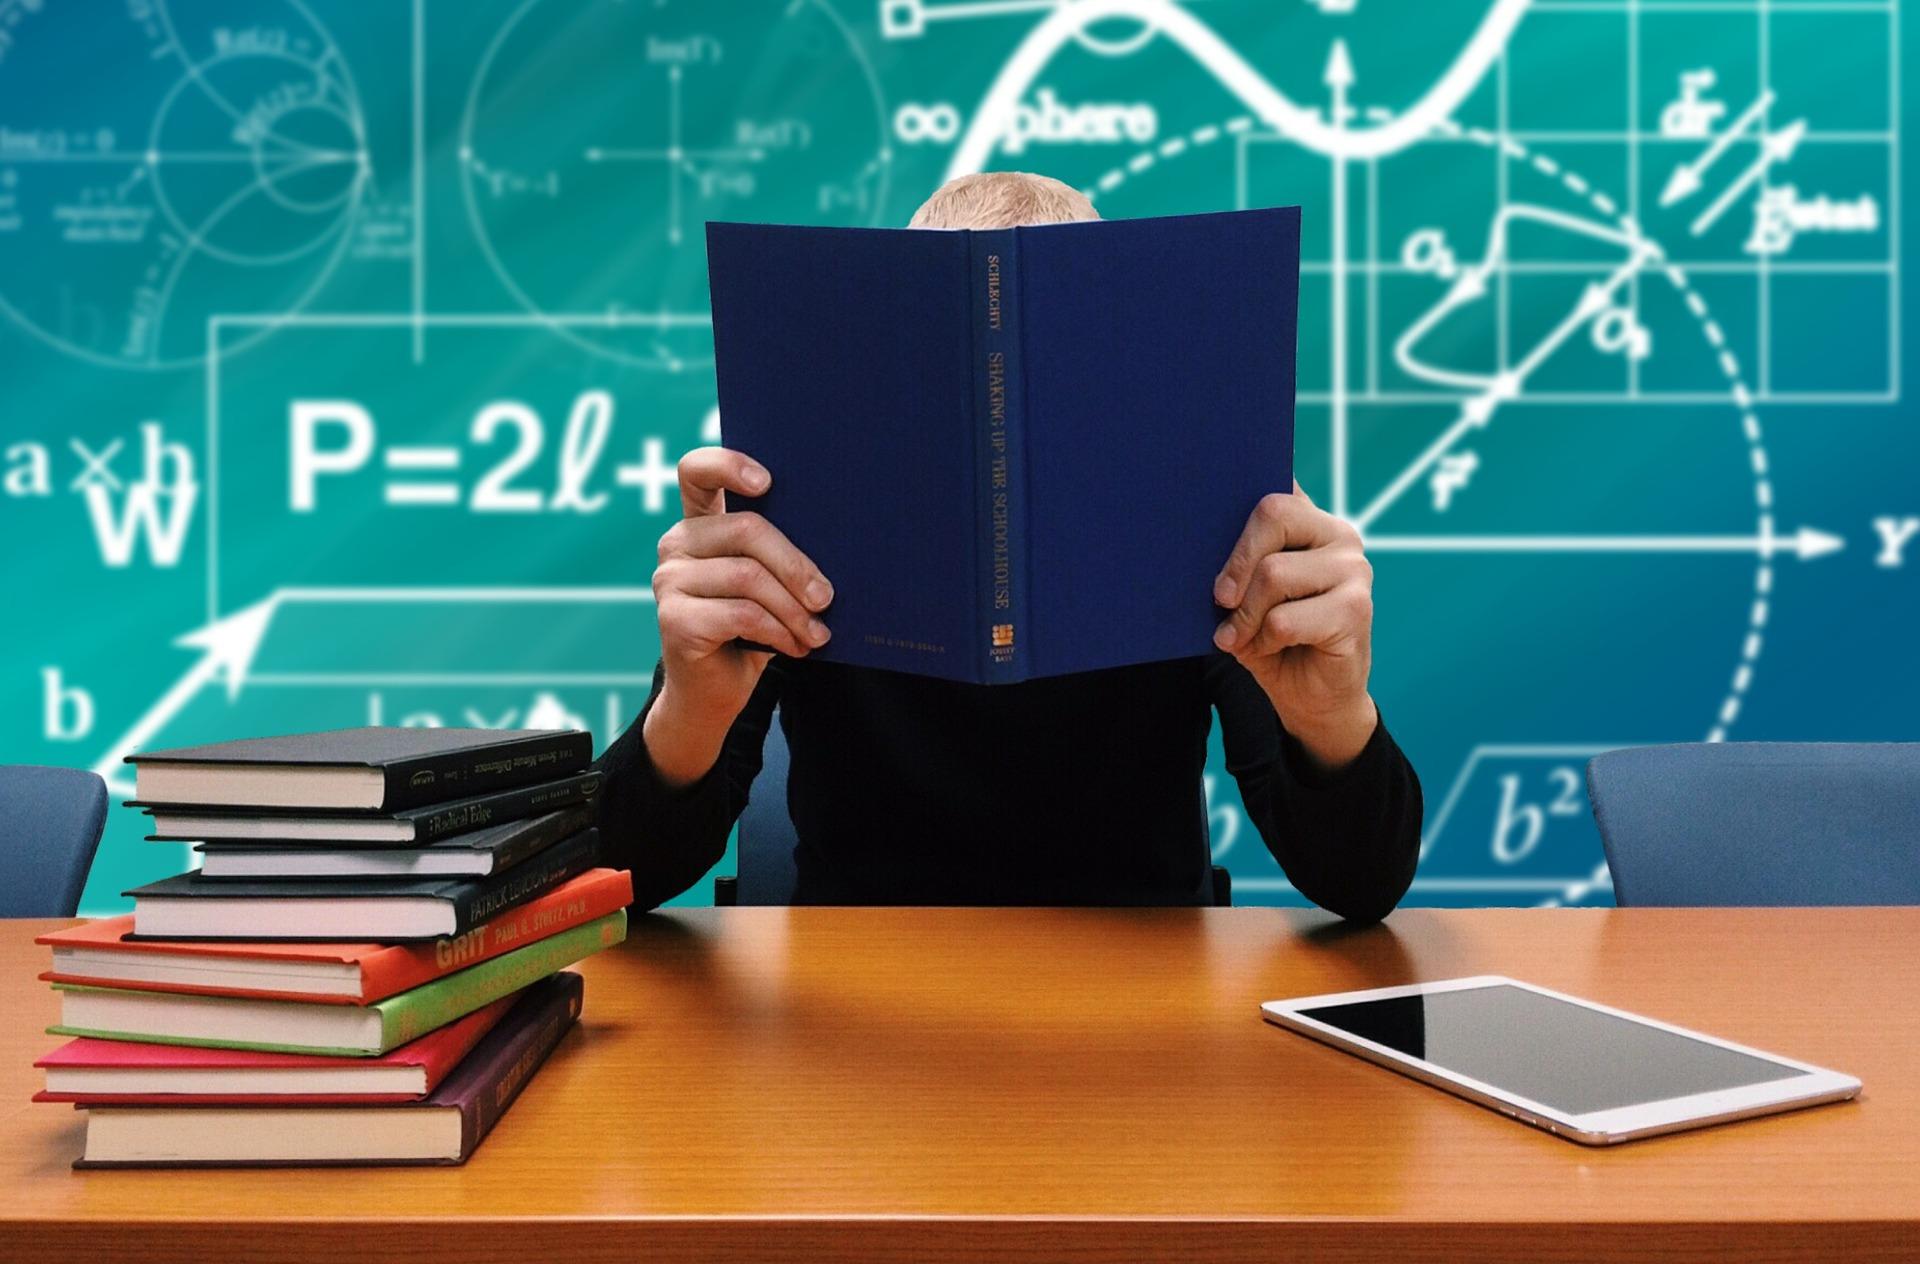 Učenik sjedi u školskoj klupi s knjigom